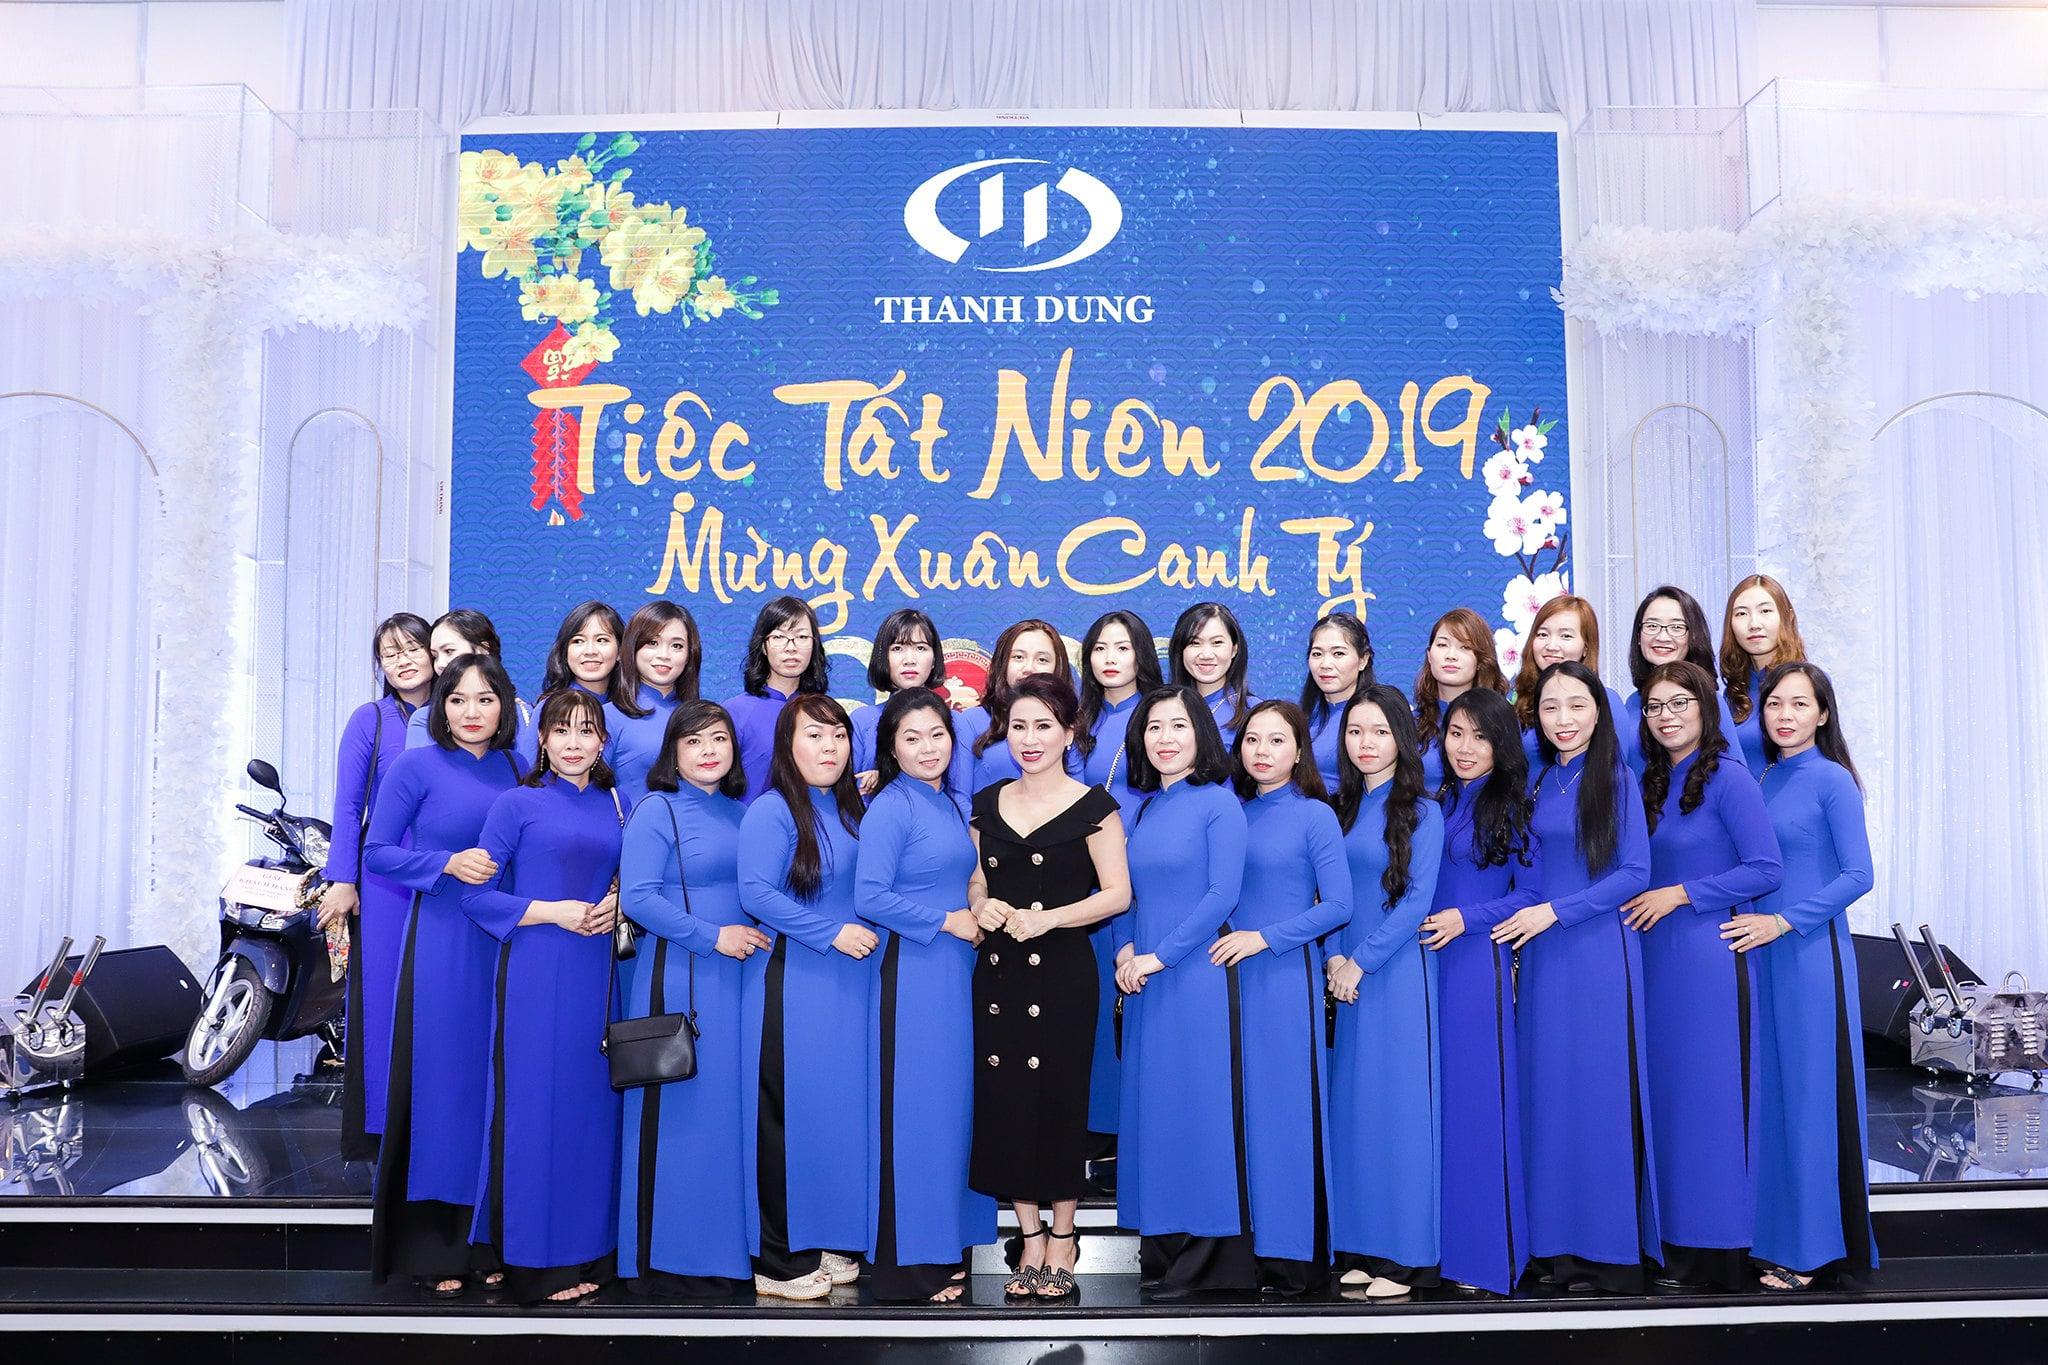 ANH CONG TY 1 min - Dịch vụ chụp hình công ty, doanh nghiệp tại Tp.HCM -HThao Studio